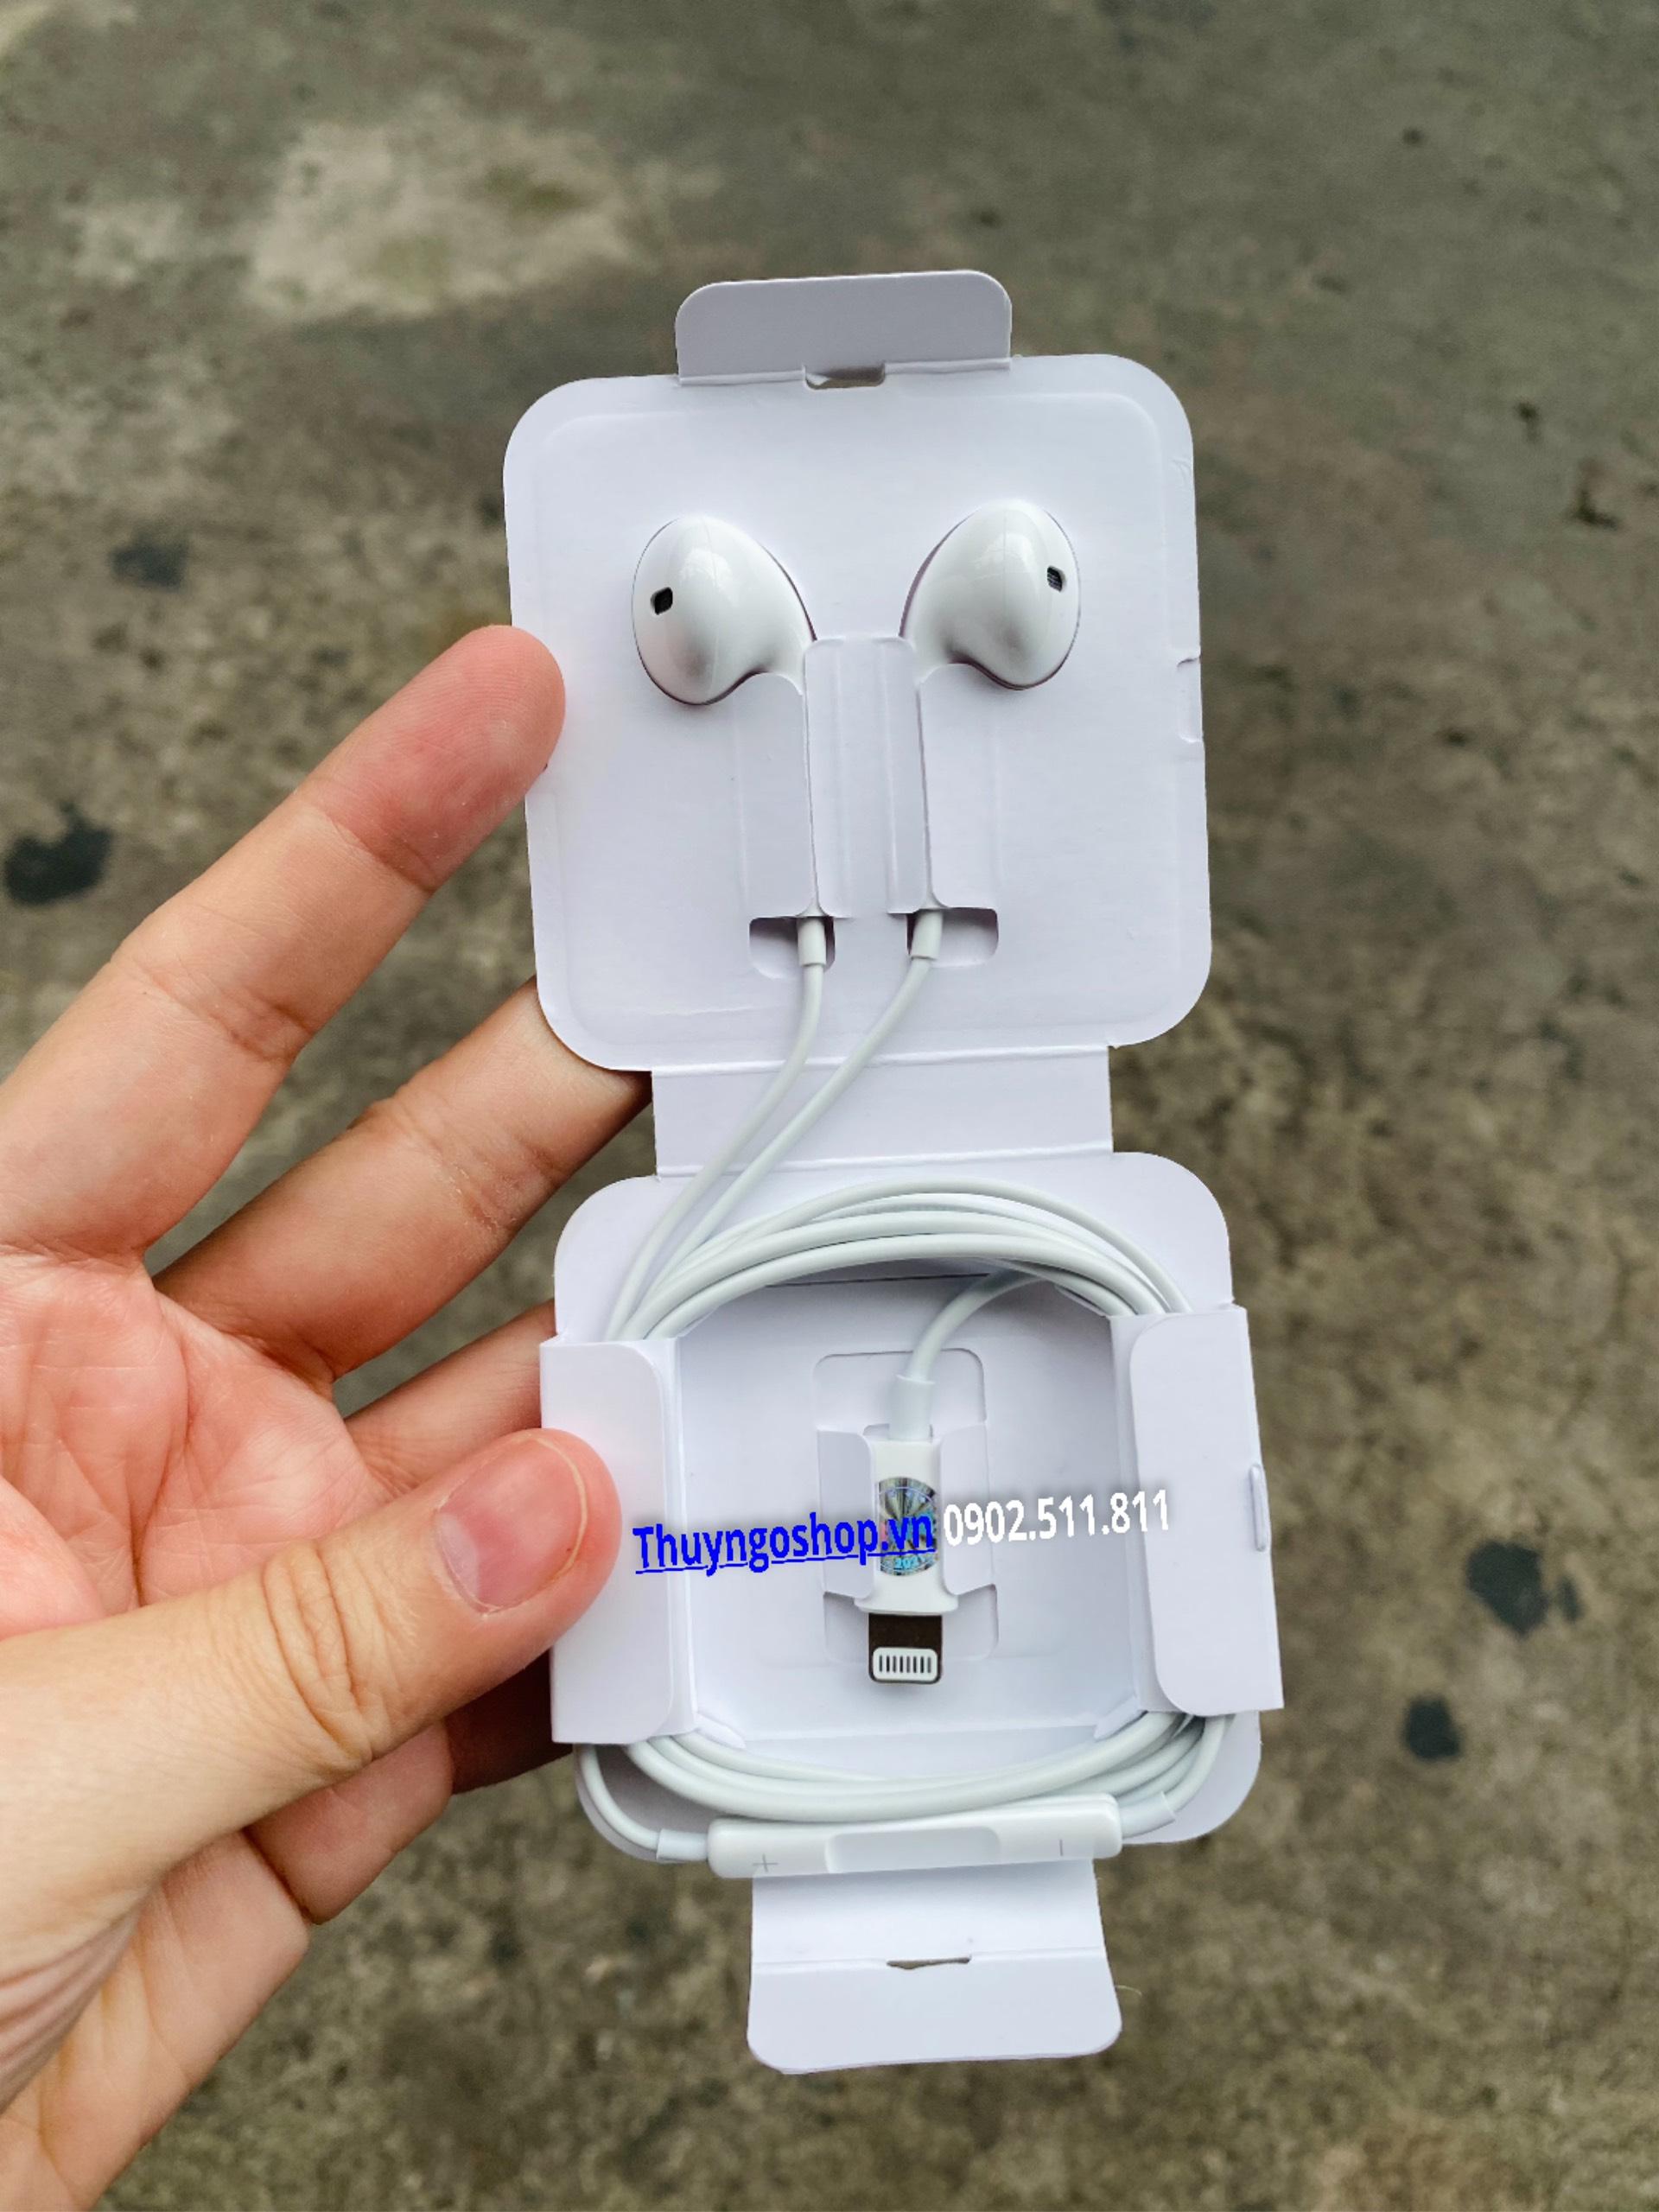 Tai nghe Iphone cổng Lightning chính hãng Apple